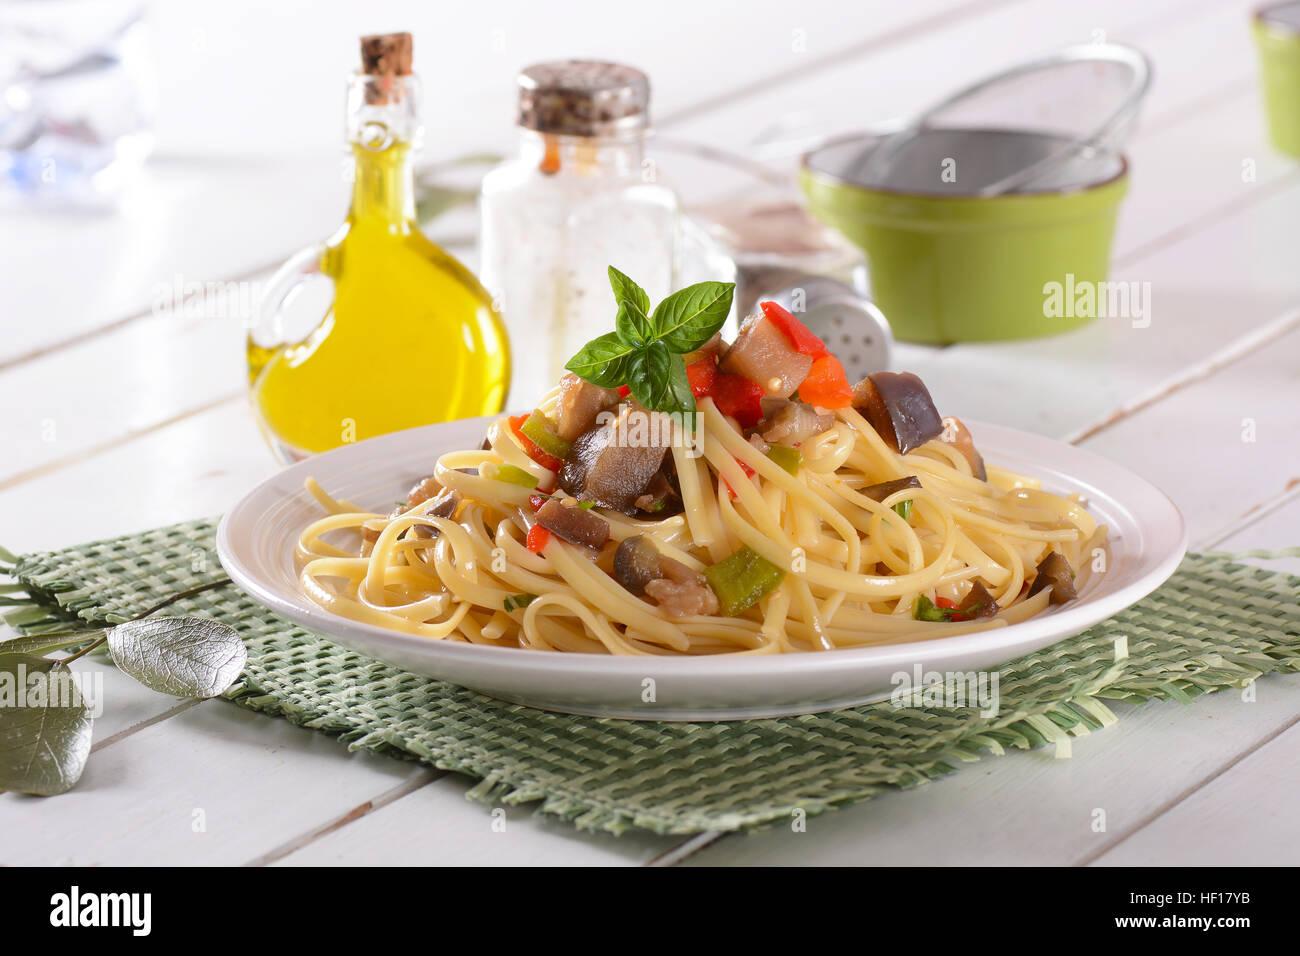 Spaghettis aux poivrons et aubergines - recette italienne Photo Stock